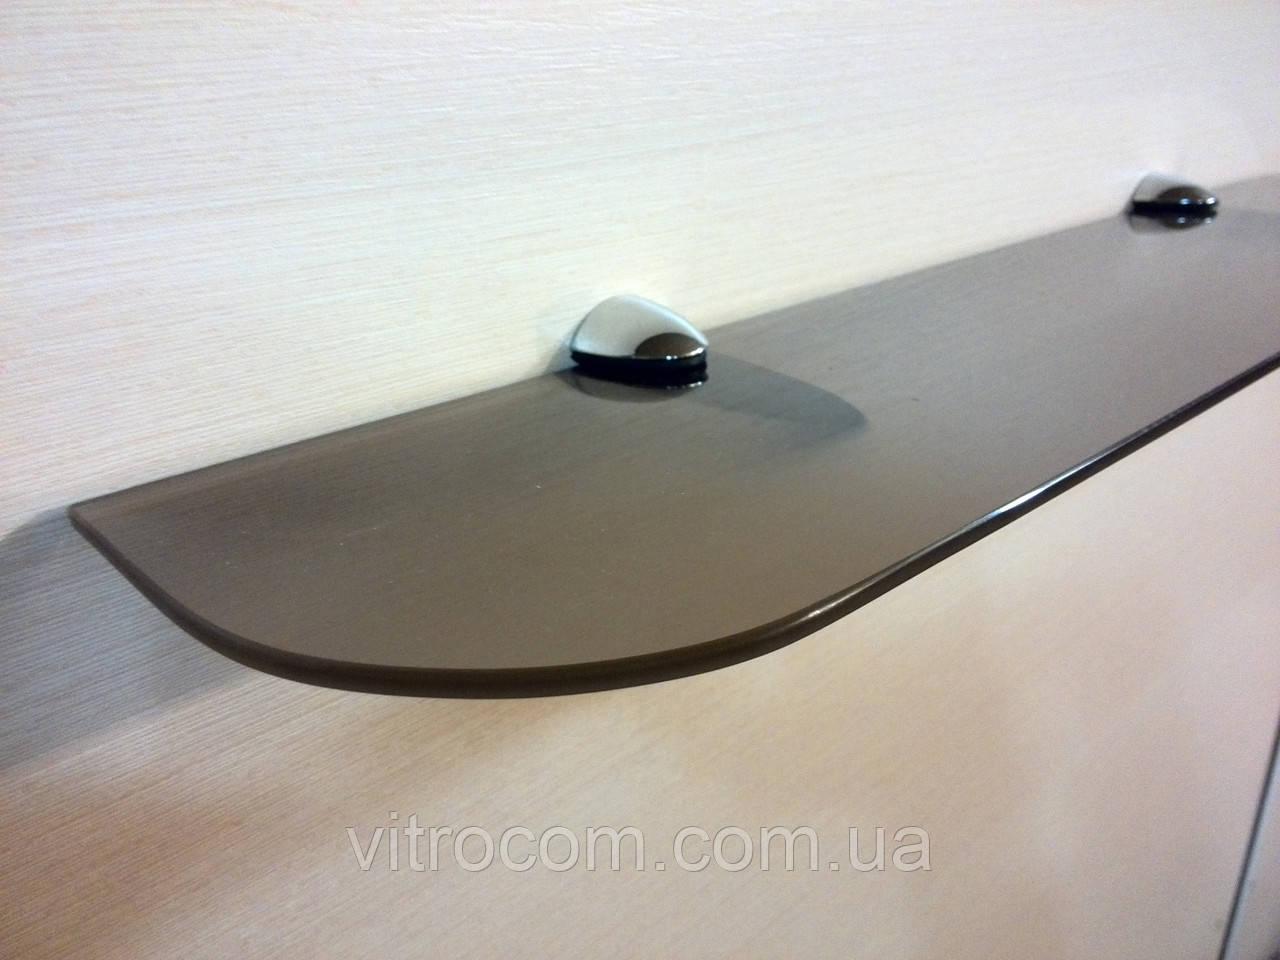 Полка стеклянная прямая 4 мм бронзовая матовая 50 х 15 см